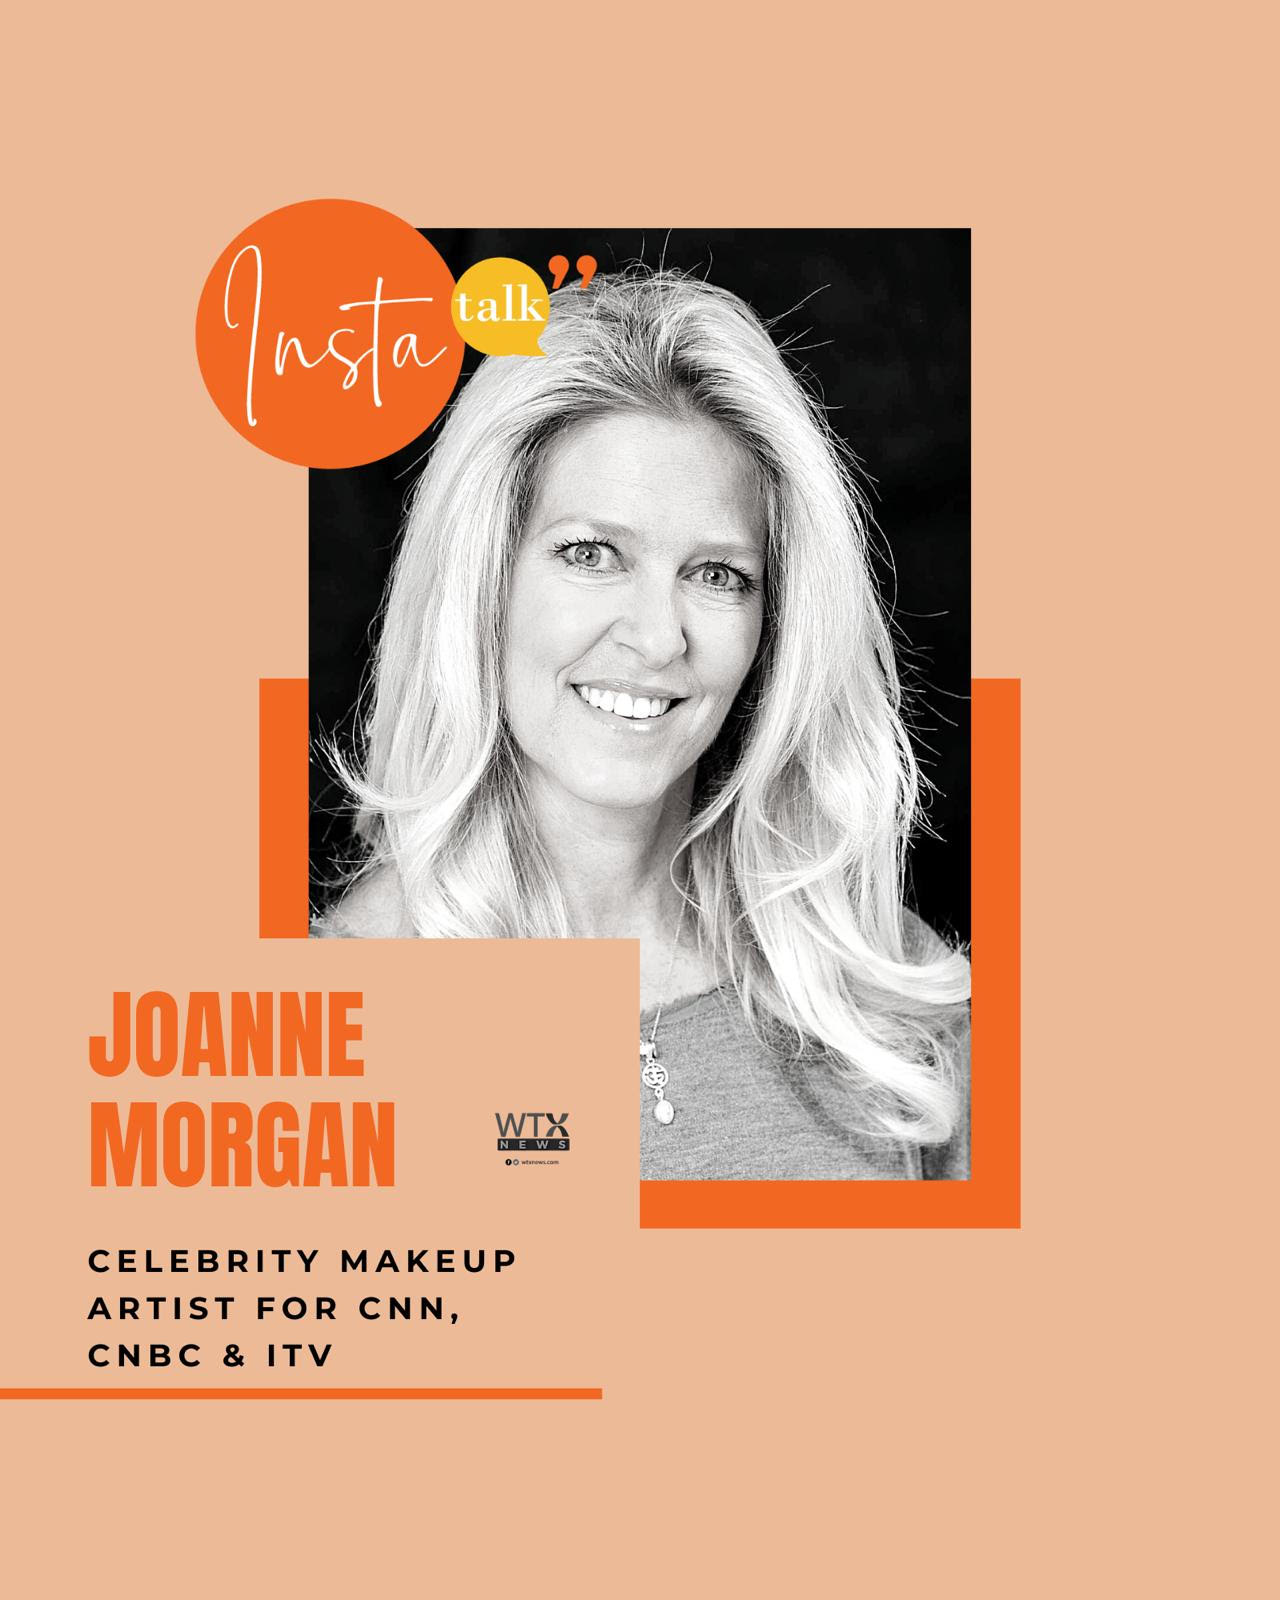 Joanne Morgan